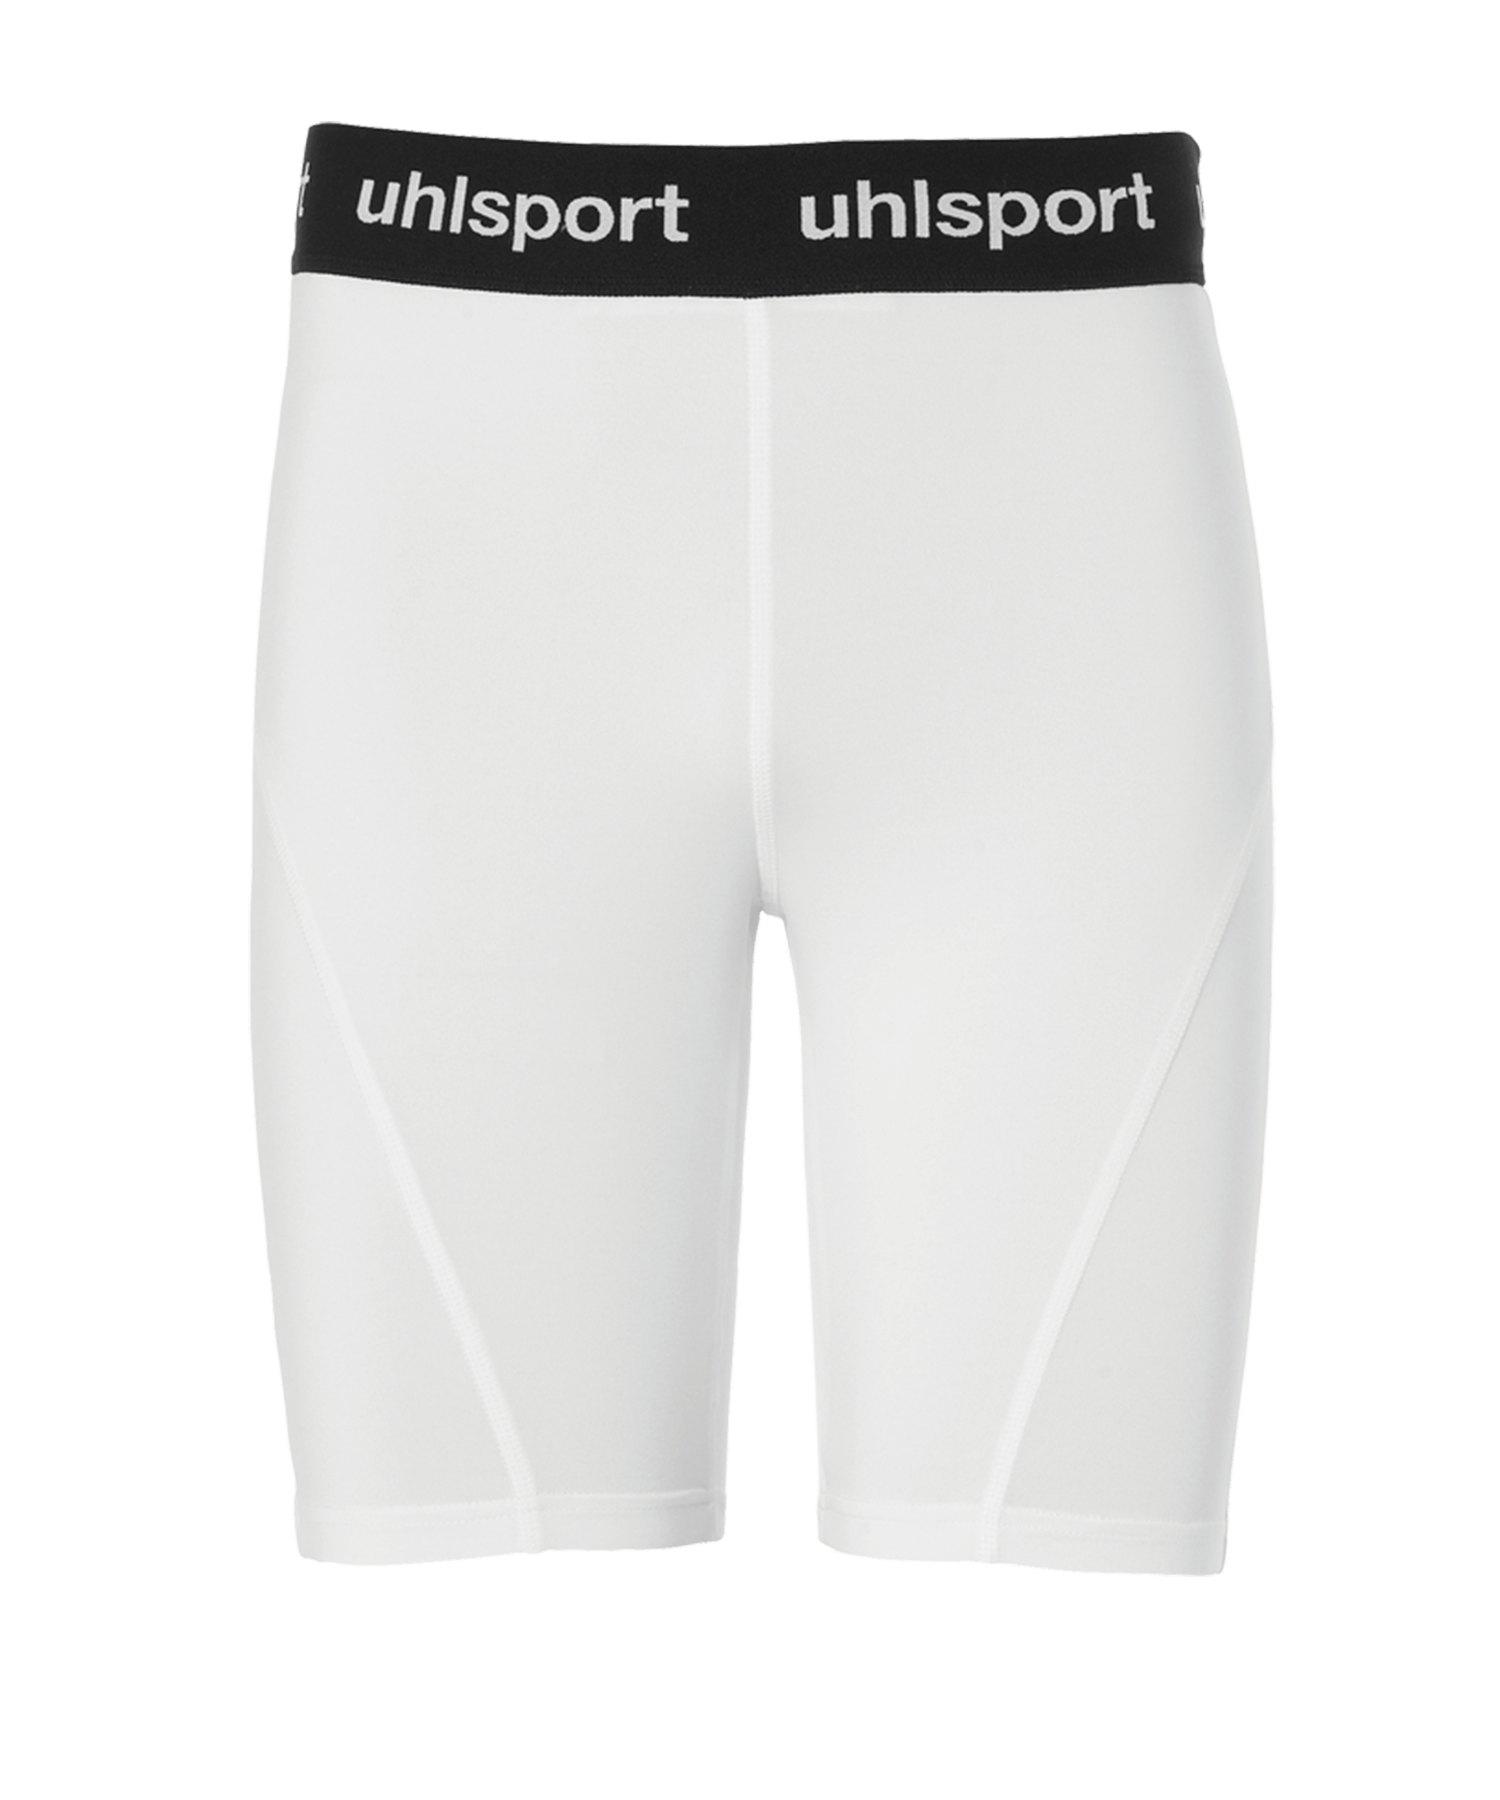 Uhlsport Tight Short Hose kurz Weiss F02 - weiss